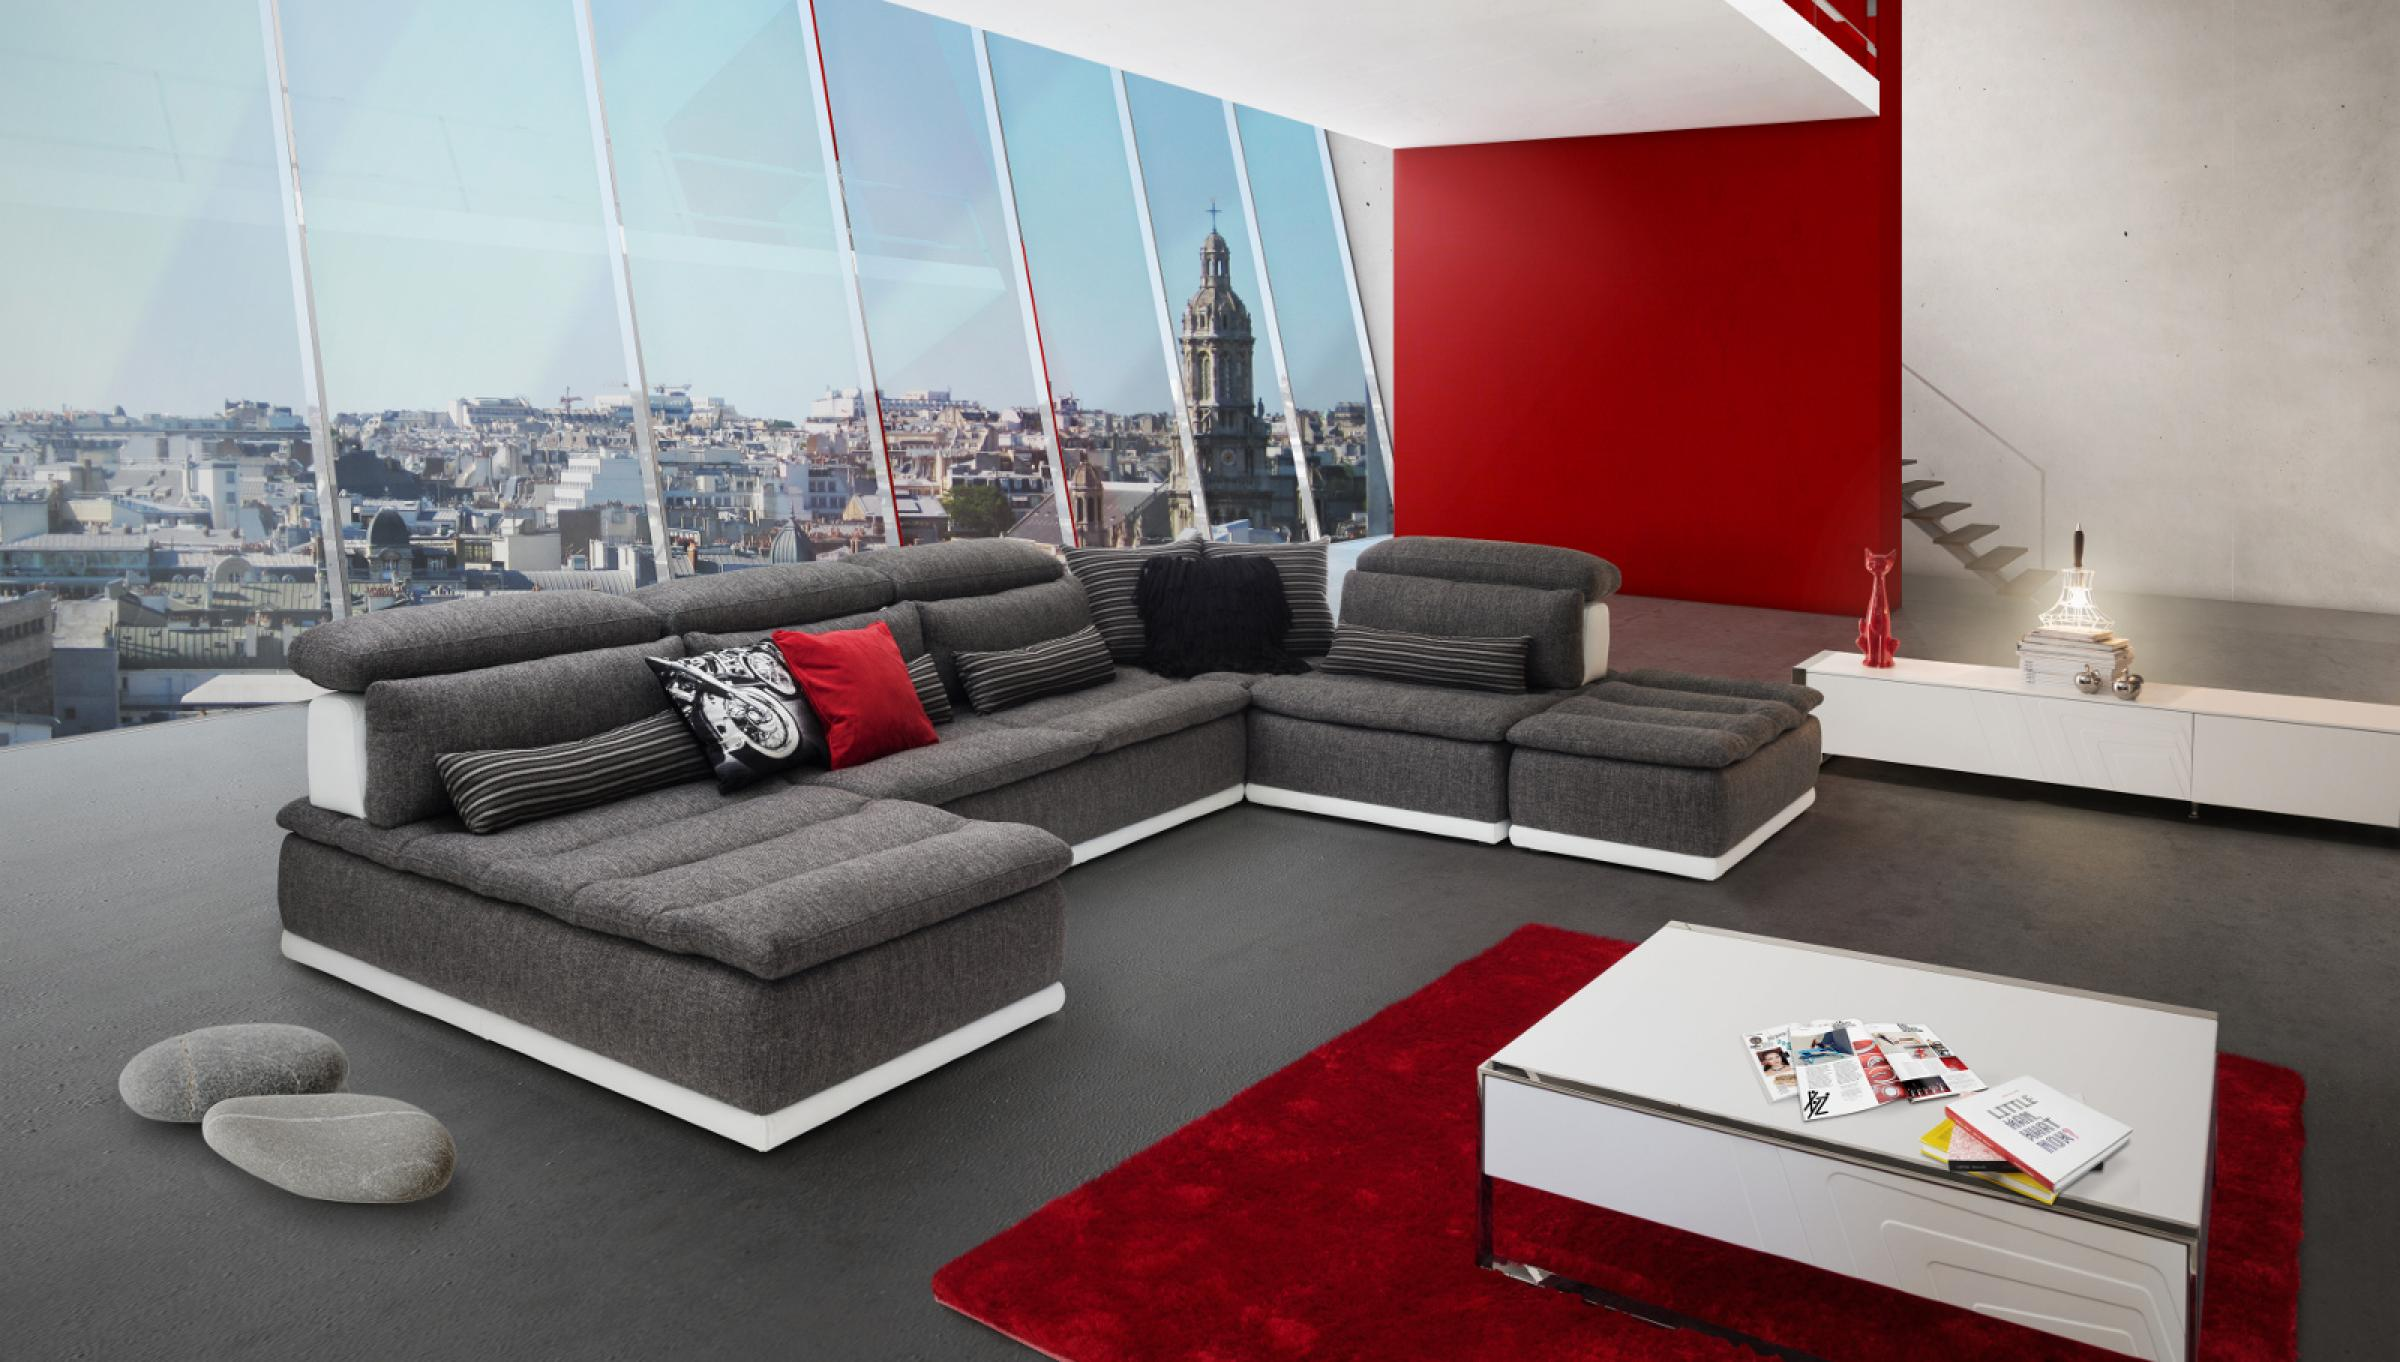 canap xxl panorama id es d 39 images la maison. Black Bedroom Furniture Sets. Home Design Ideas